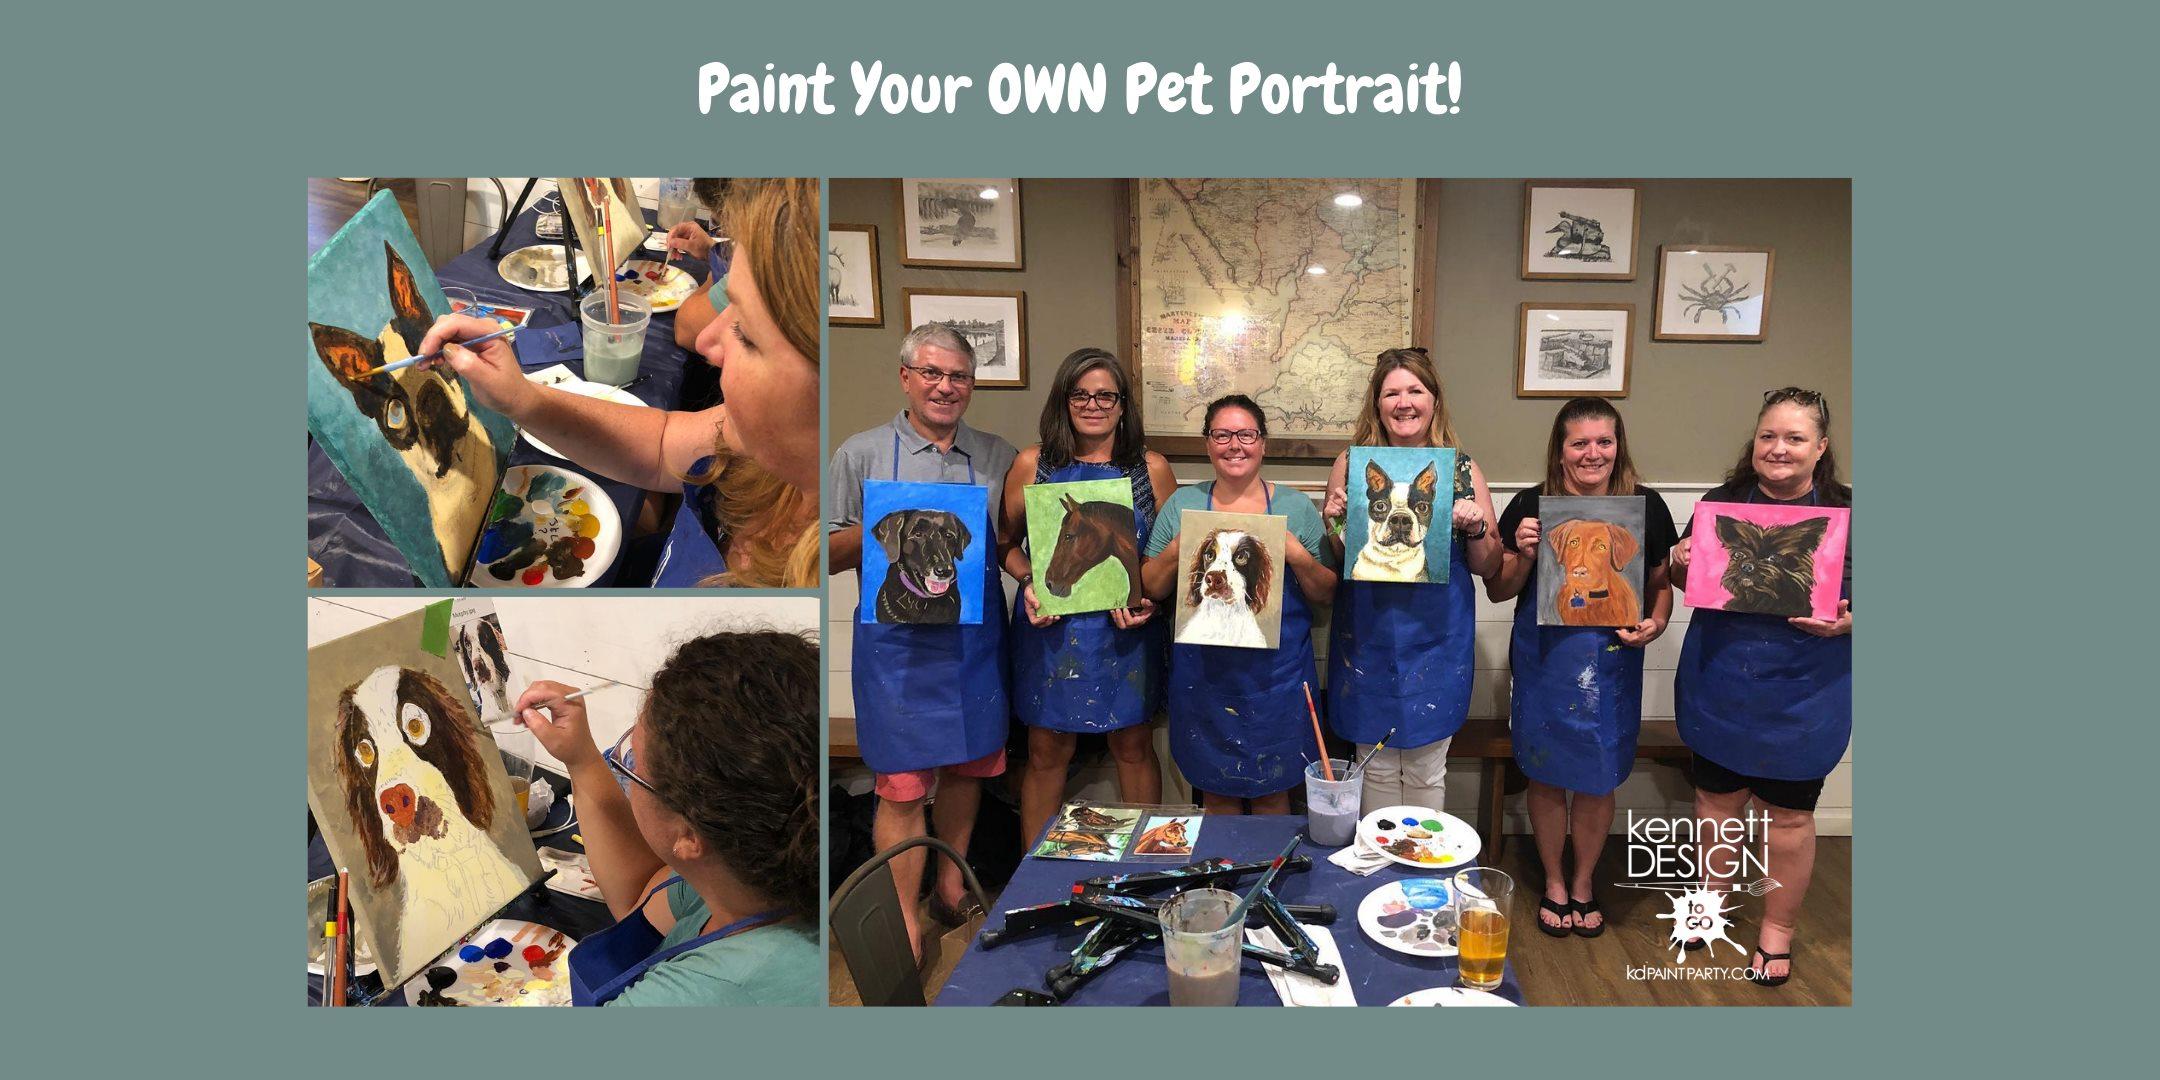 Paint Your Own Pet Portrait